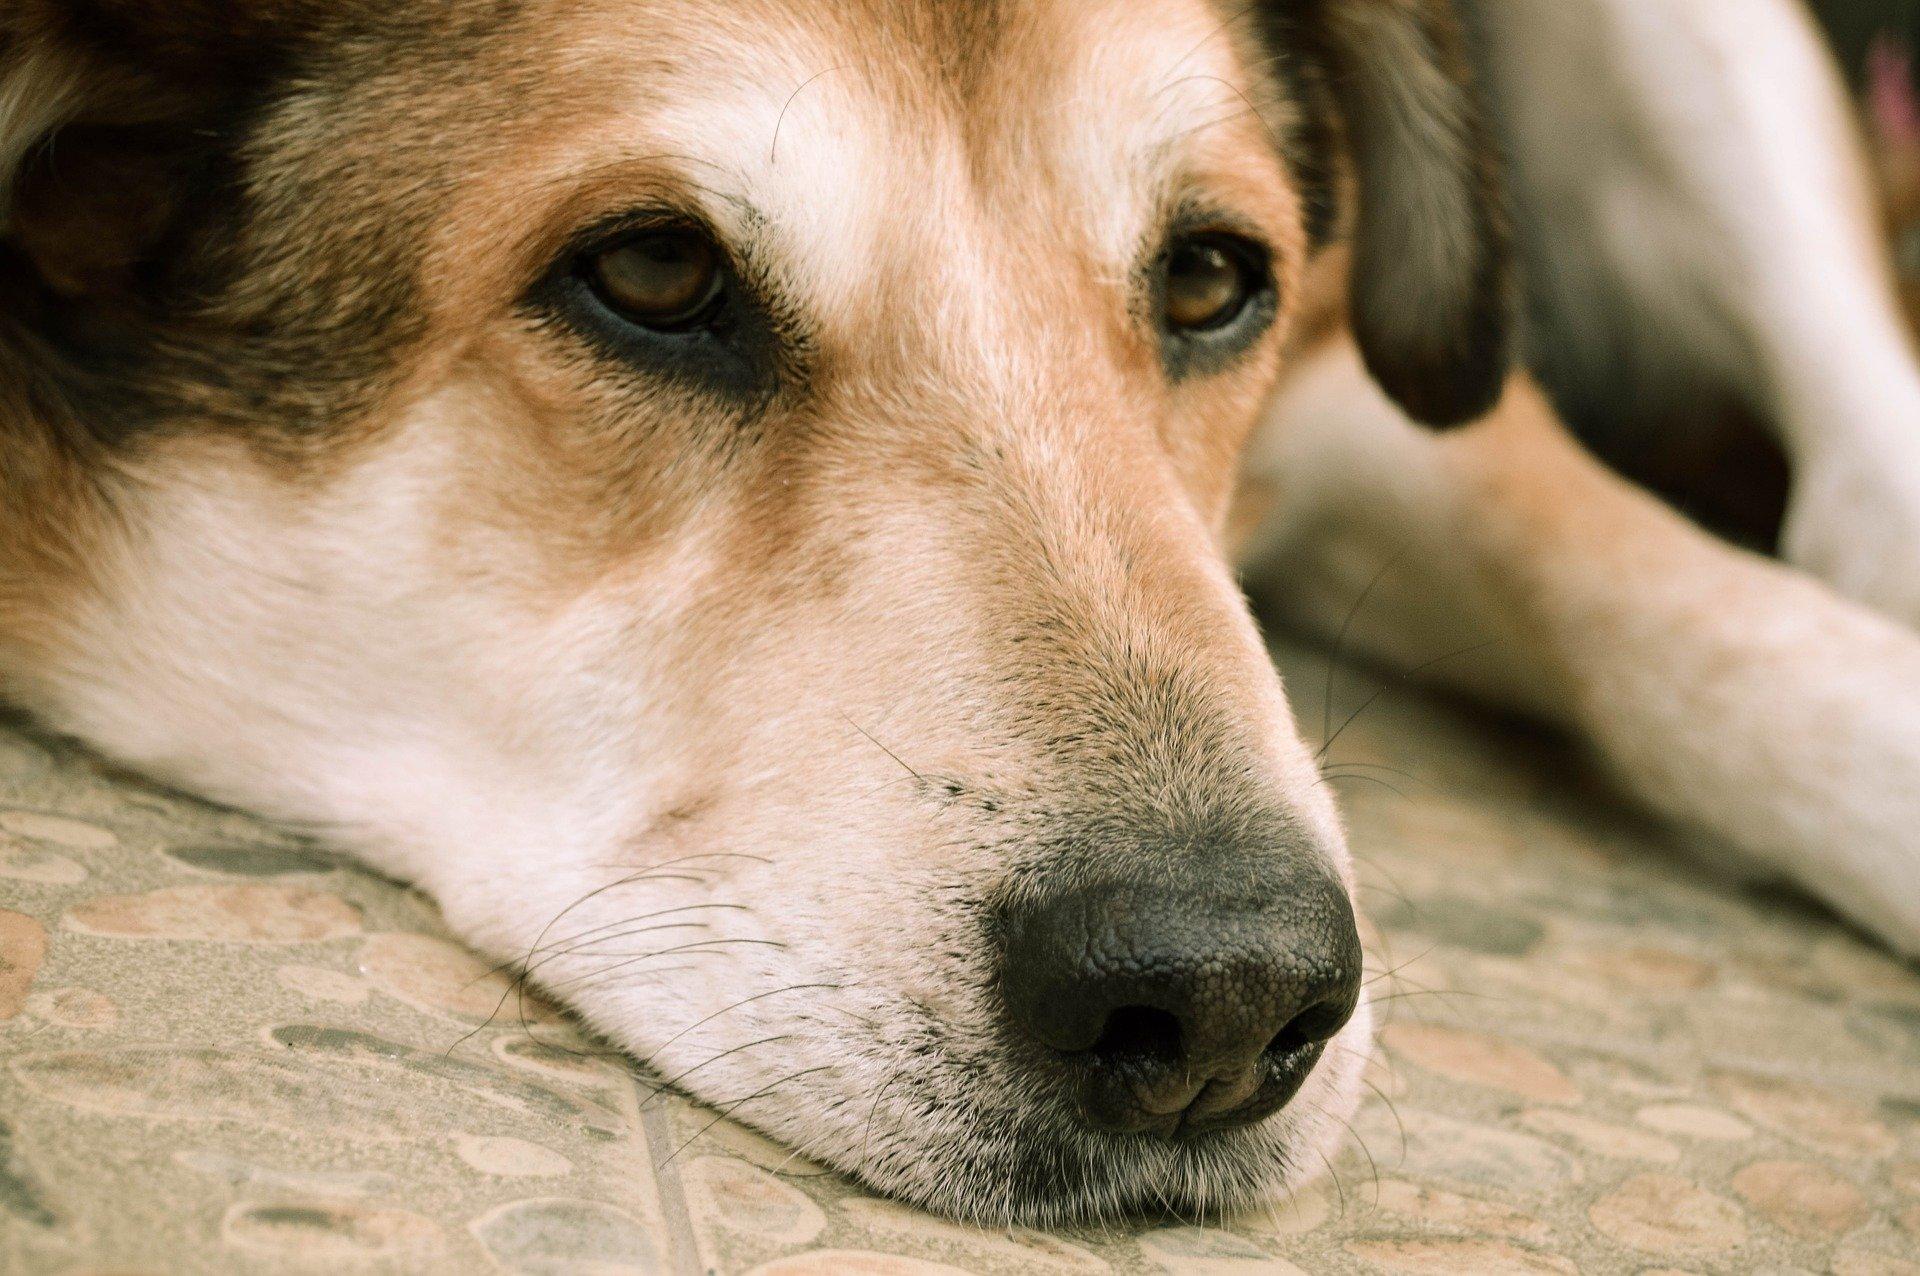 Lipoma nel cane, le cause, i rimedi e la diagnosi